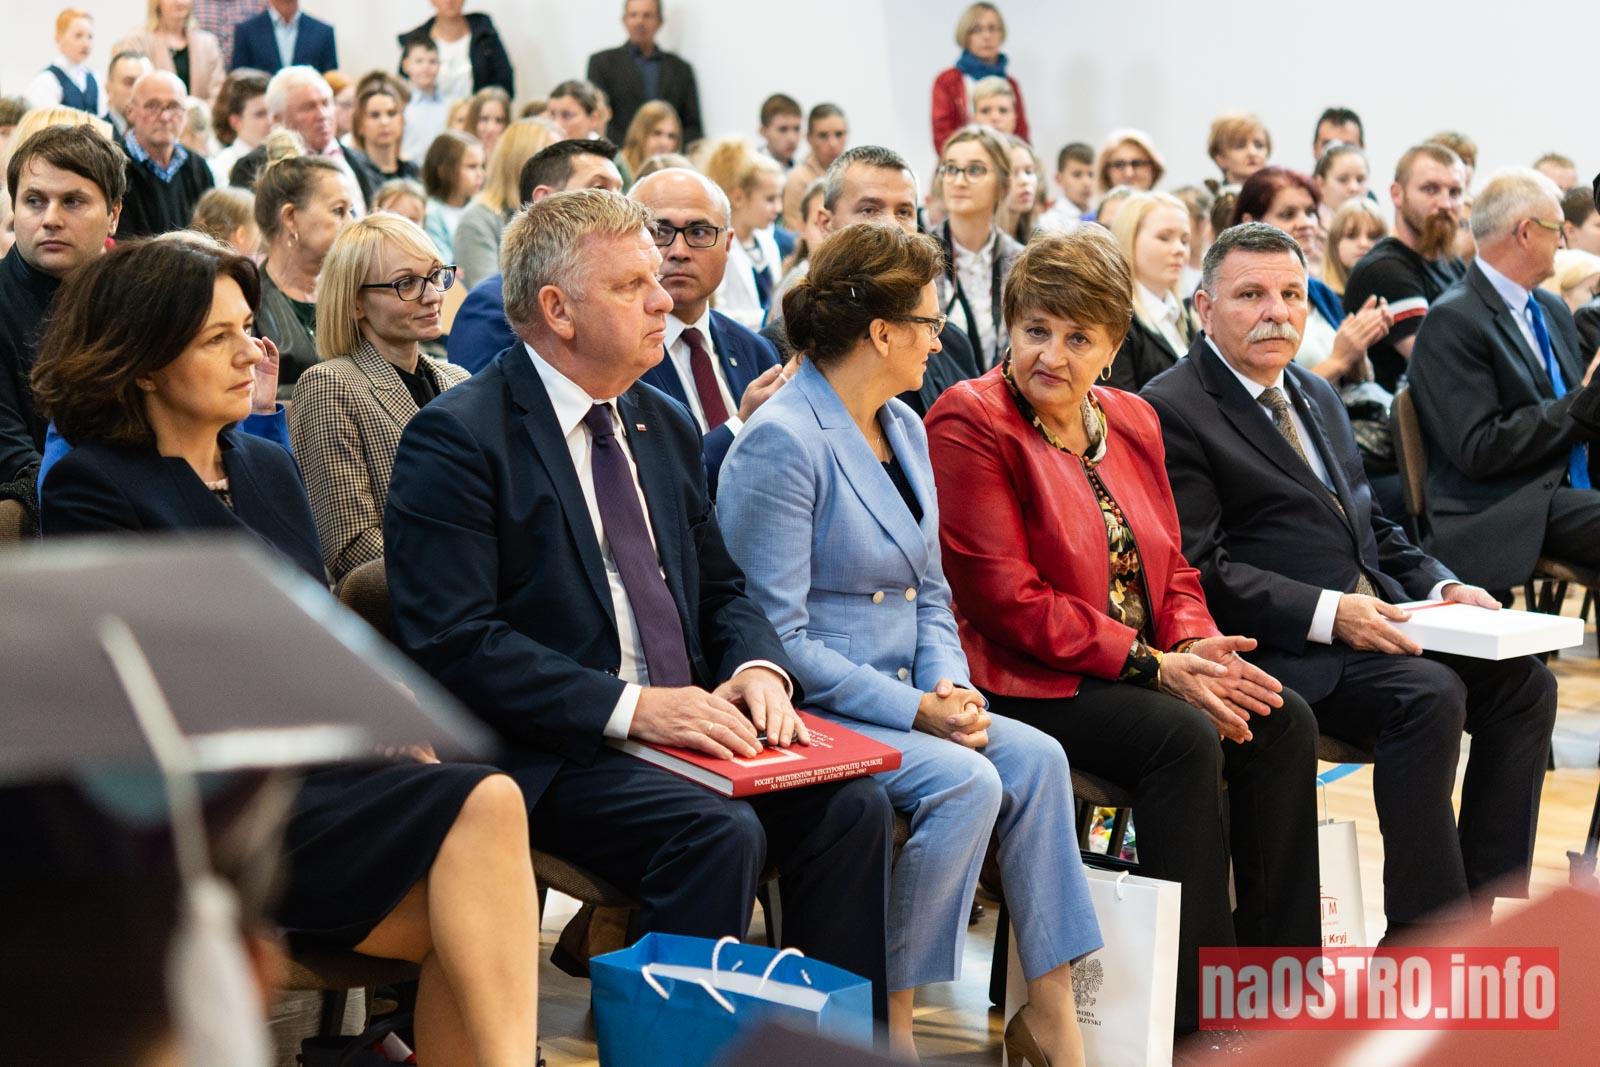 NaOSTRO Otwarcie Szkoły w Bałtowie-129